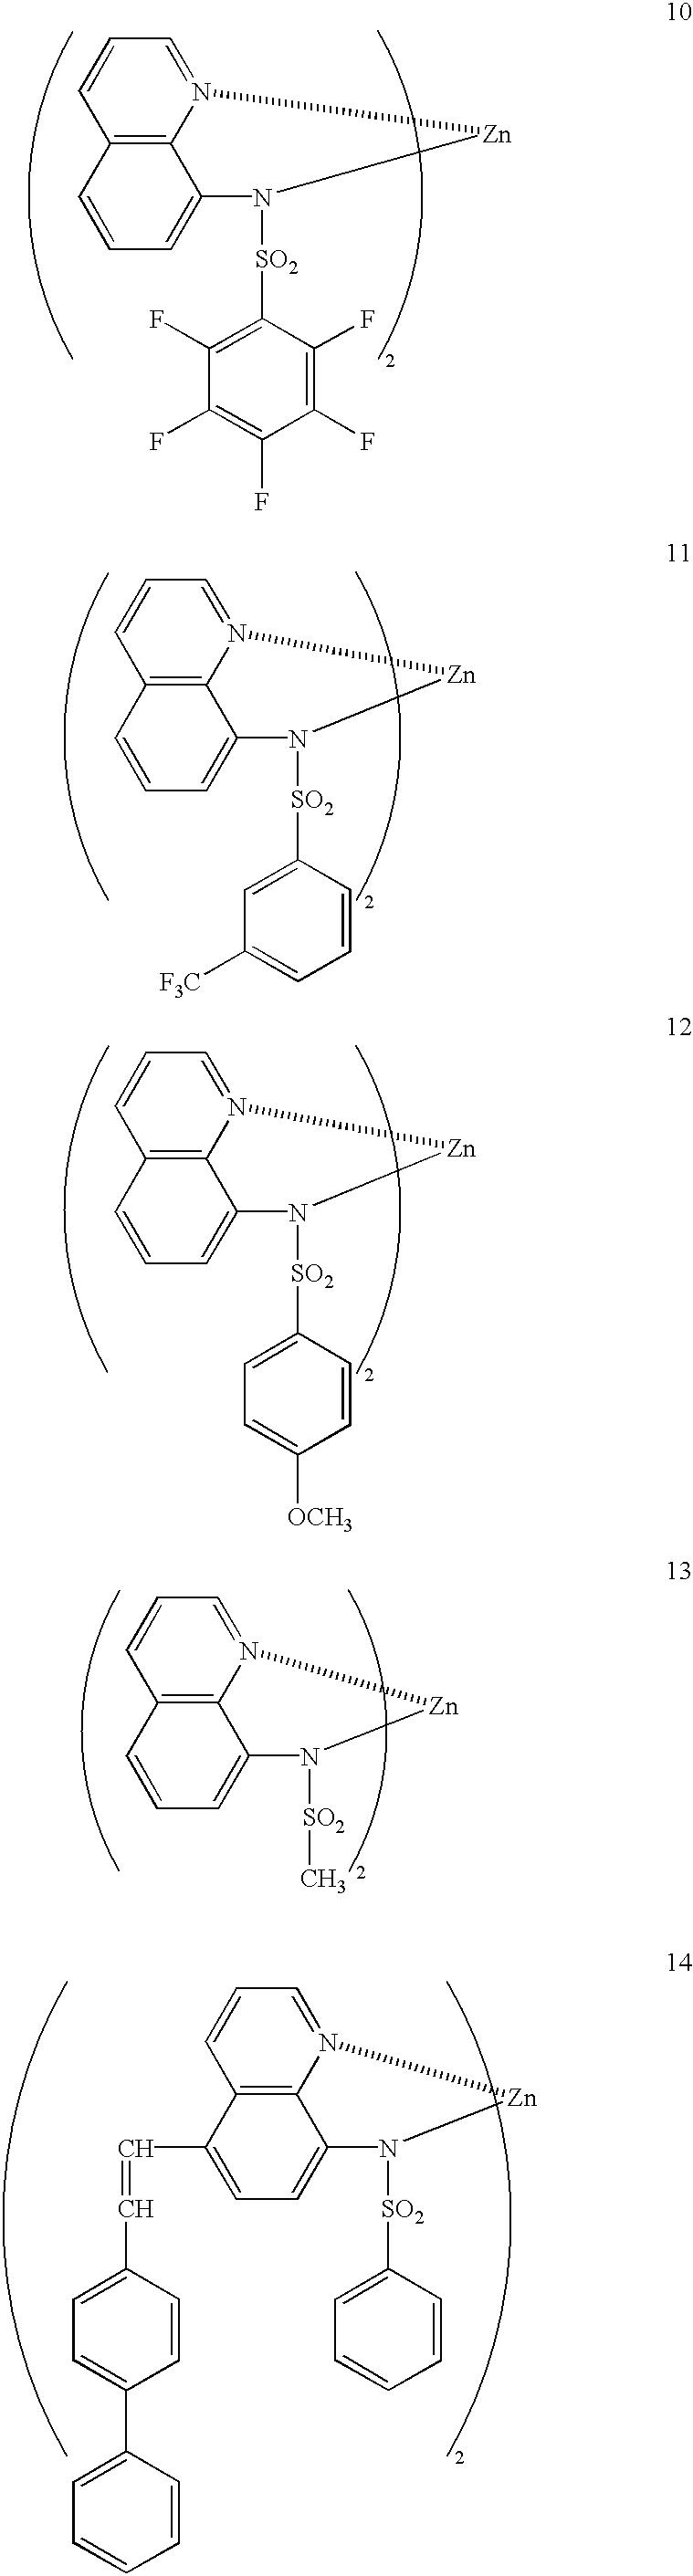 Figure US06528187-20030304-C00022